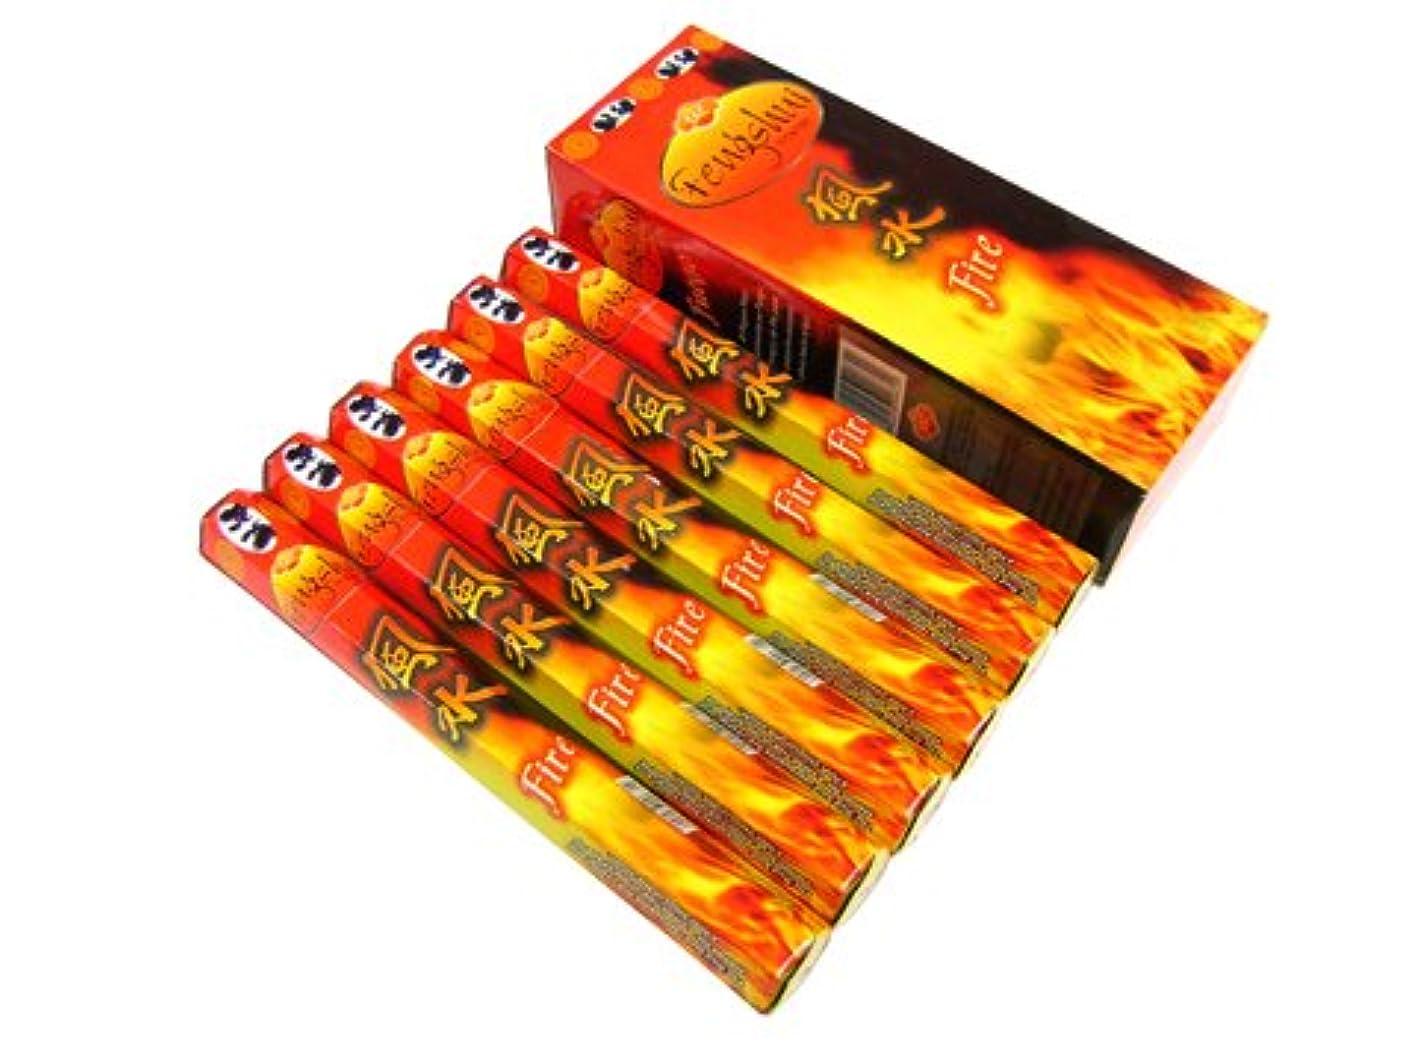 ばかげたブース対応するSANDESH SAC (サンデッシュ) 風水香(ファイヤー) スティック FENGSHUI FIRE 6箱セット